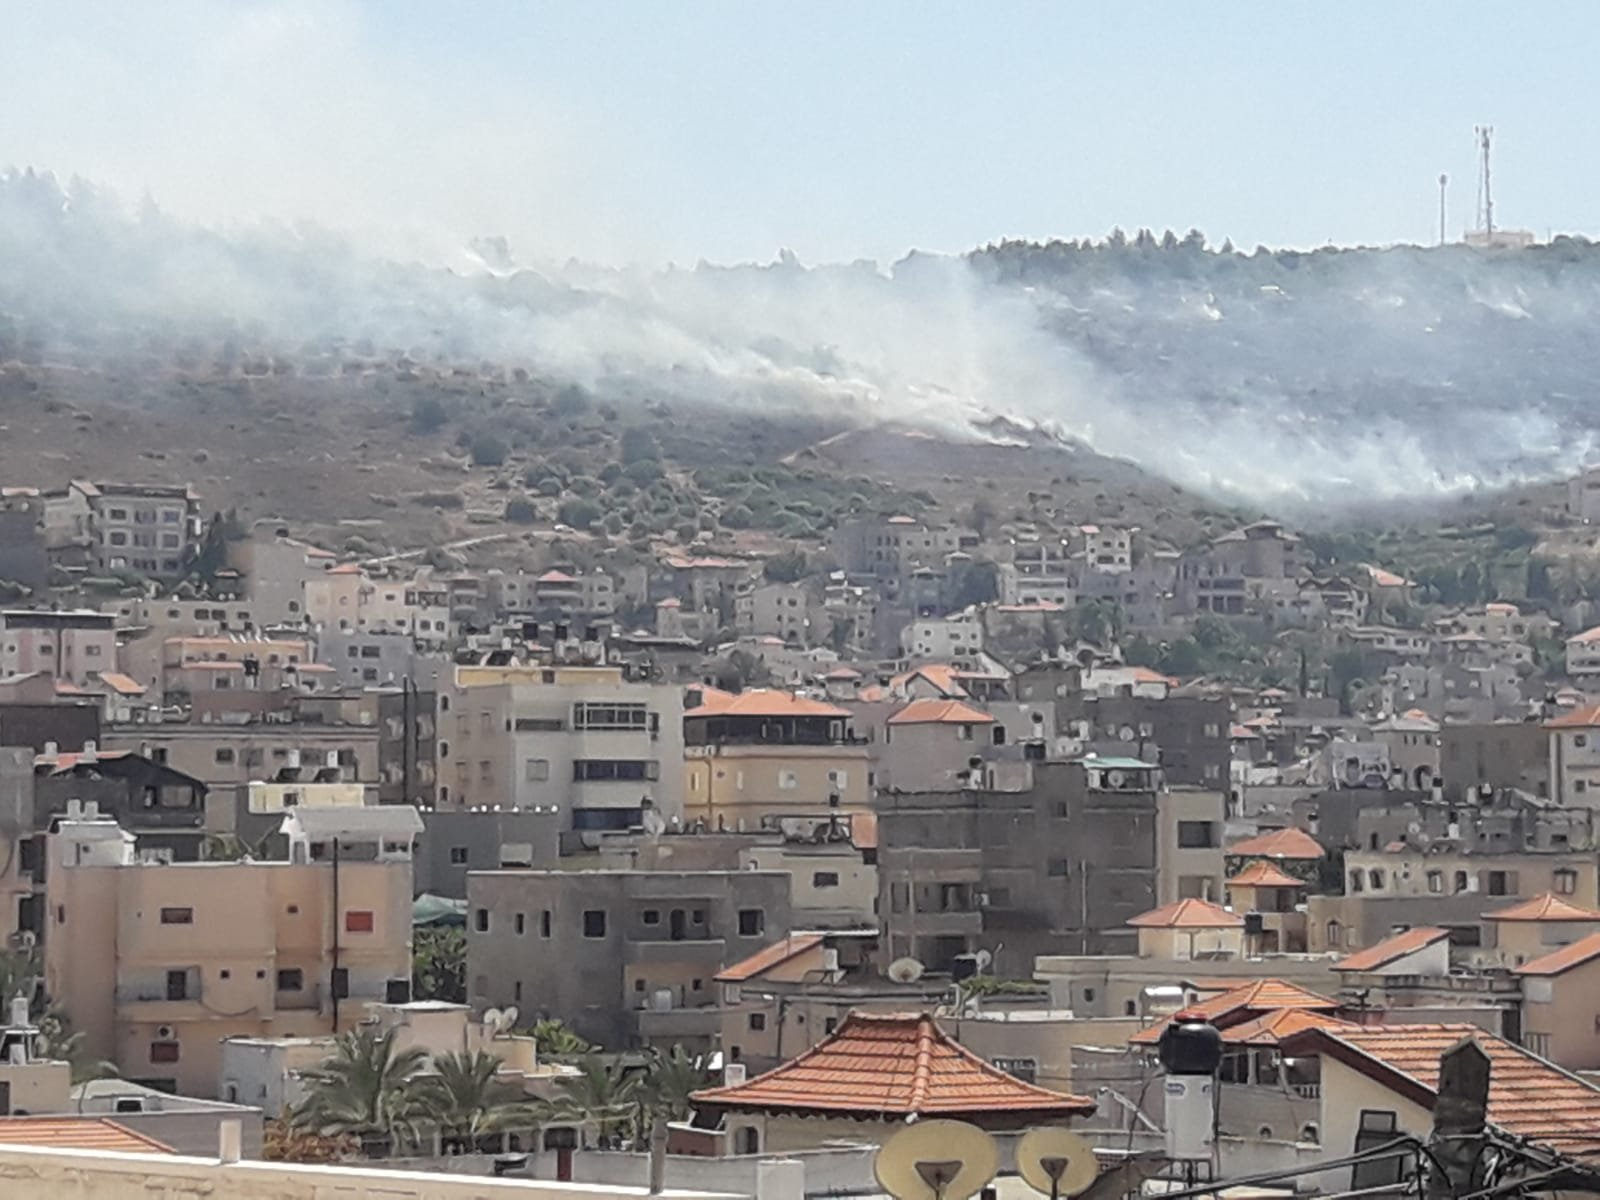 اندلاع حريق في منطقة وعرة بين سخنين ويودفات